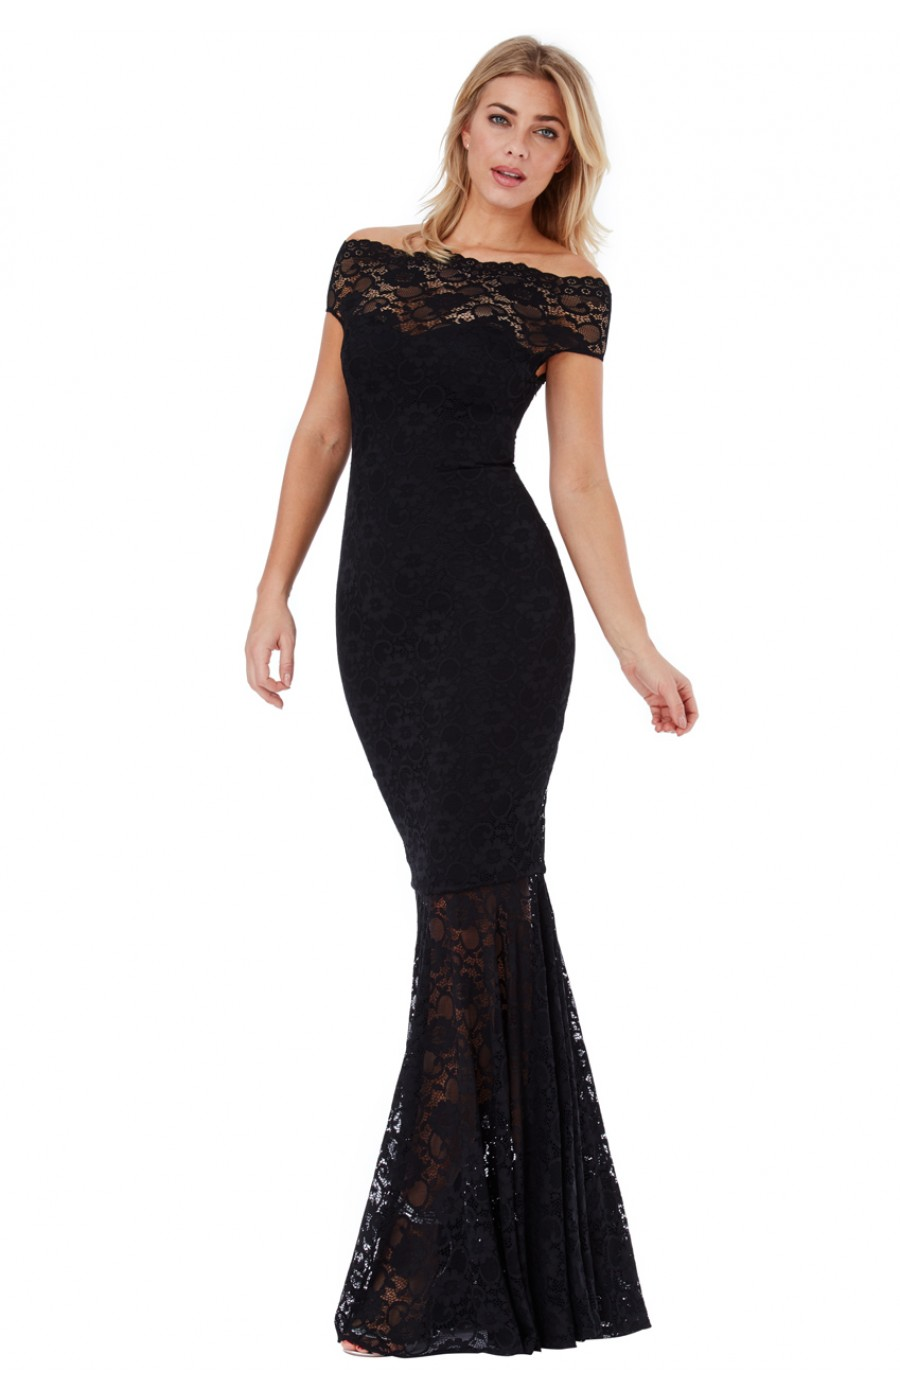 Μαυρο μακρυ φόρεμα με δαντέλα